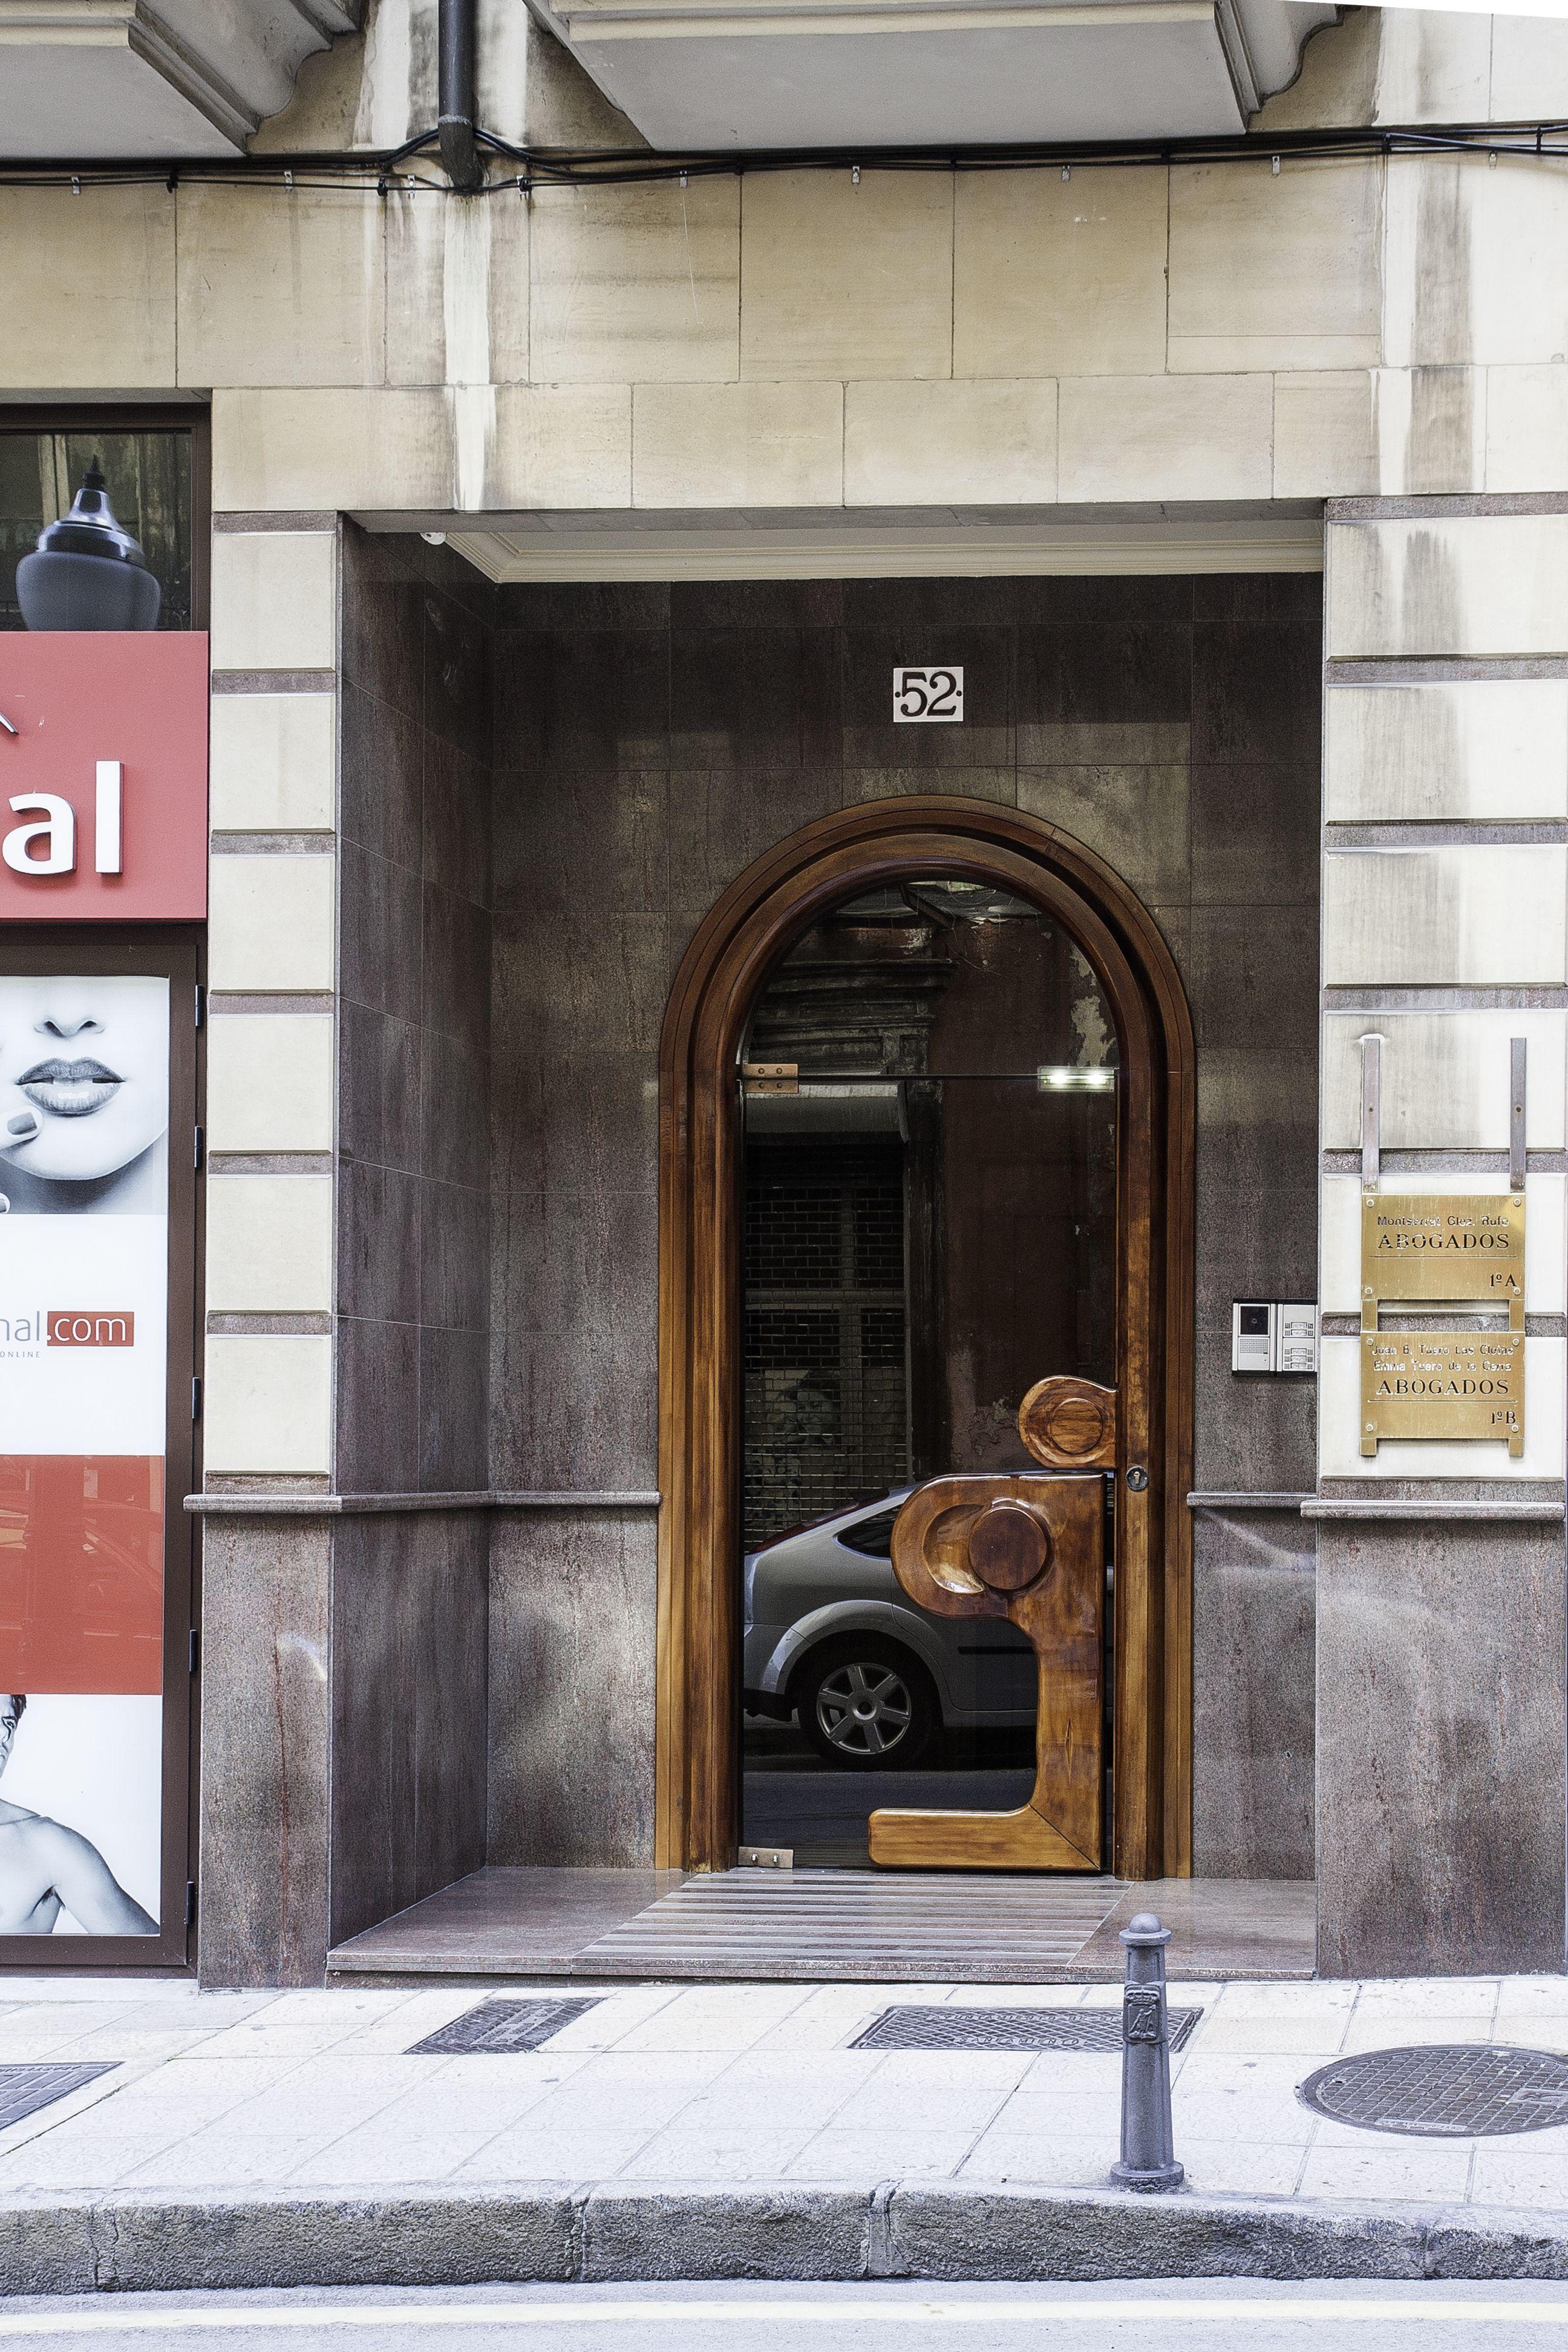 Foto 12 de Abogados en Gijón | Montserrat González Rufo - Abogados